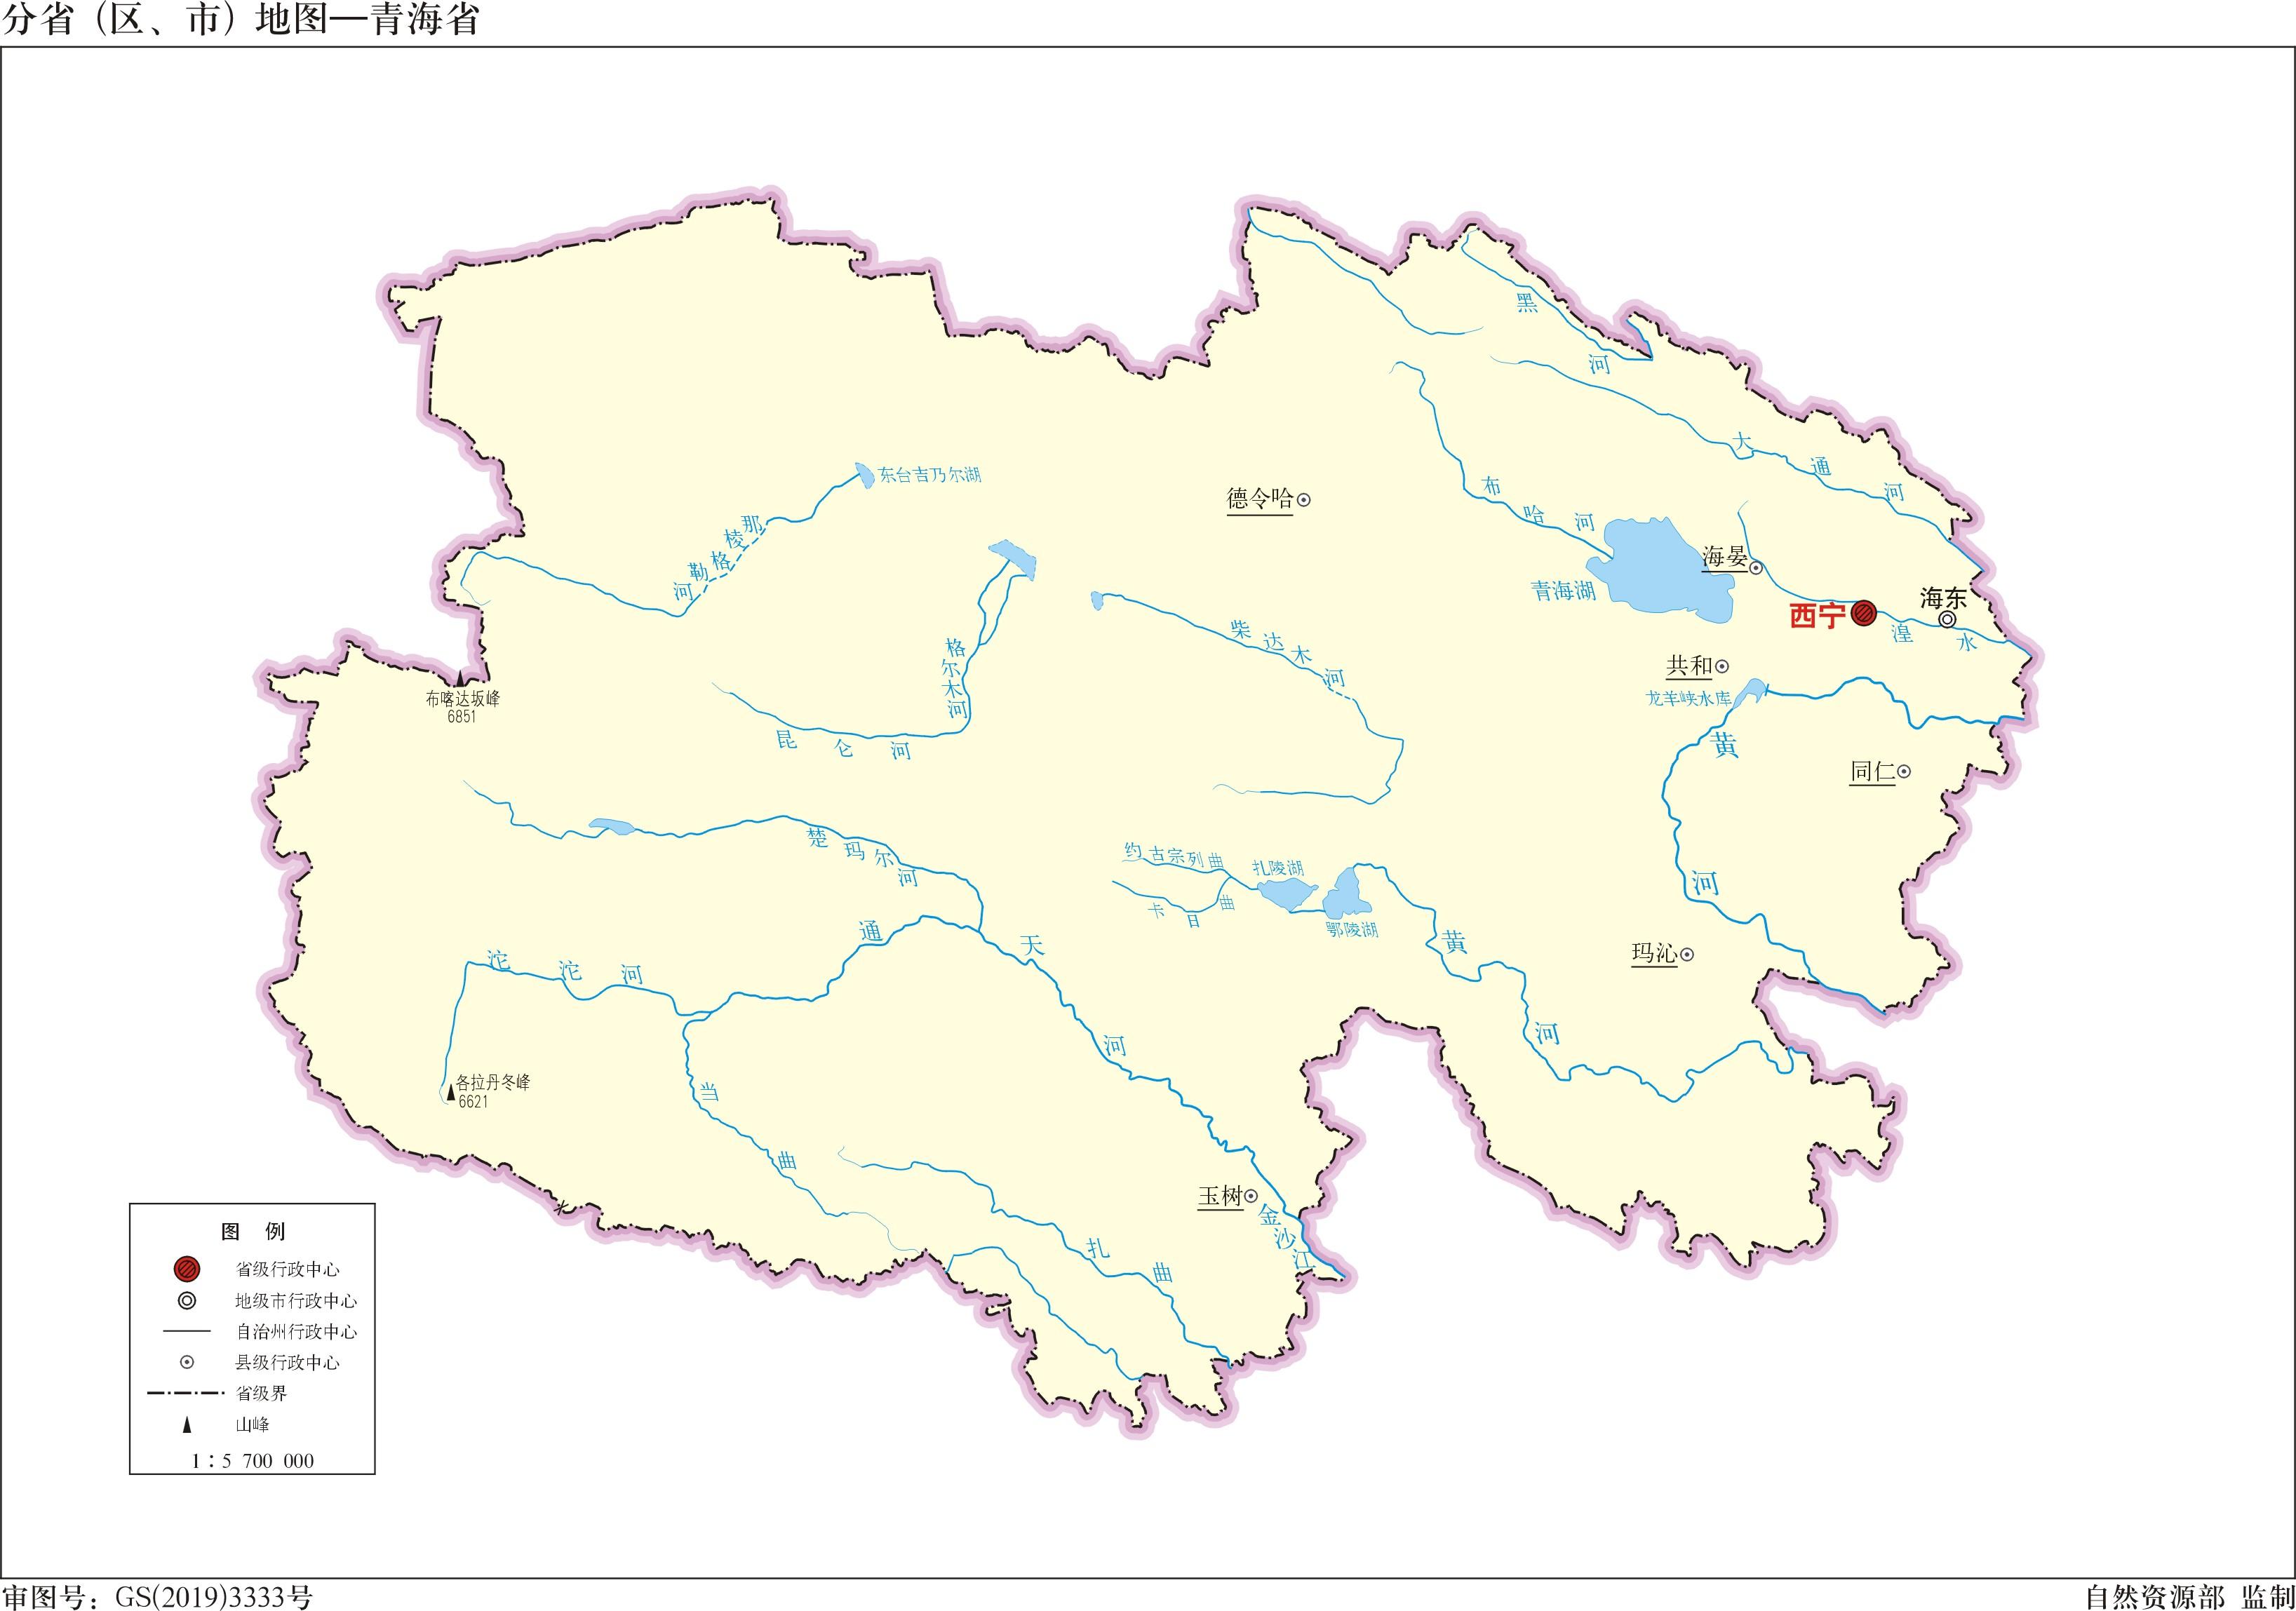 浙江省旅游景点地图_青海省标准地图(边界版)_青海地图库_地图窝